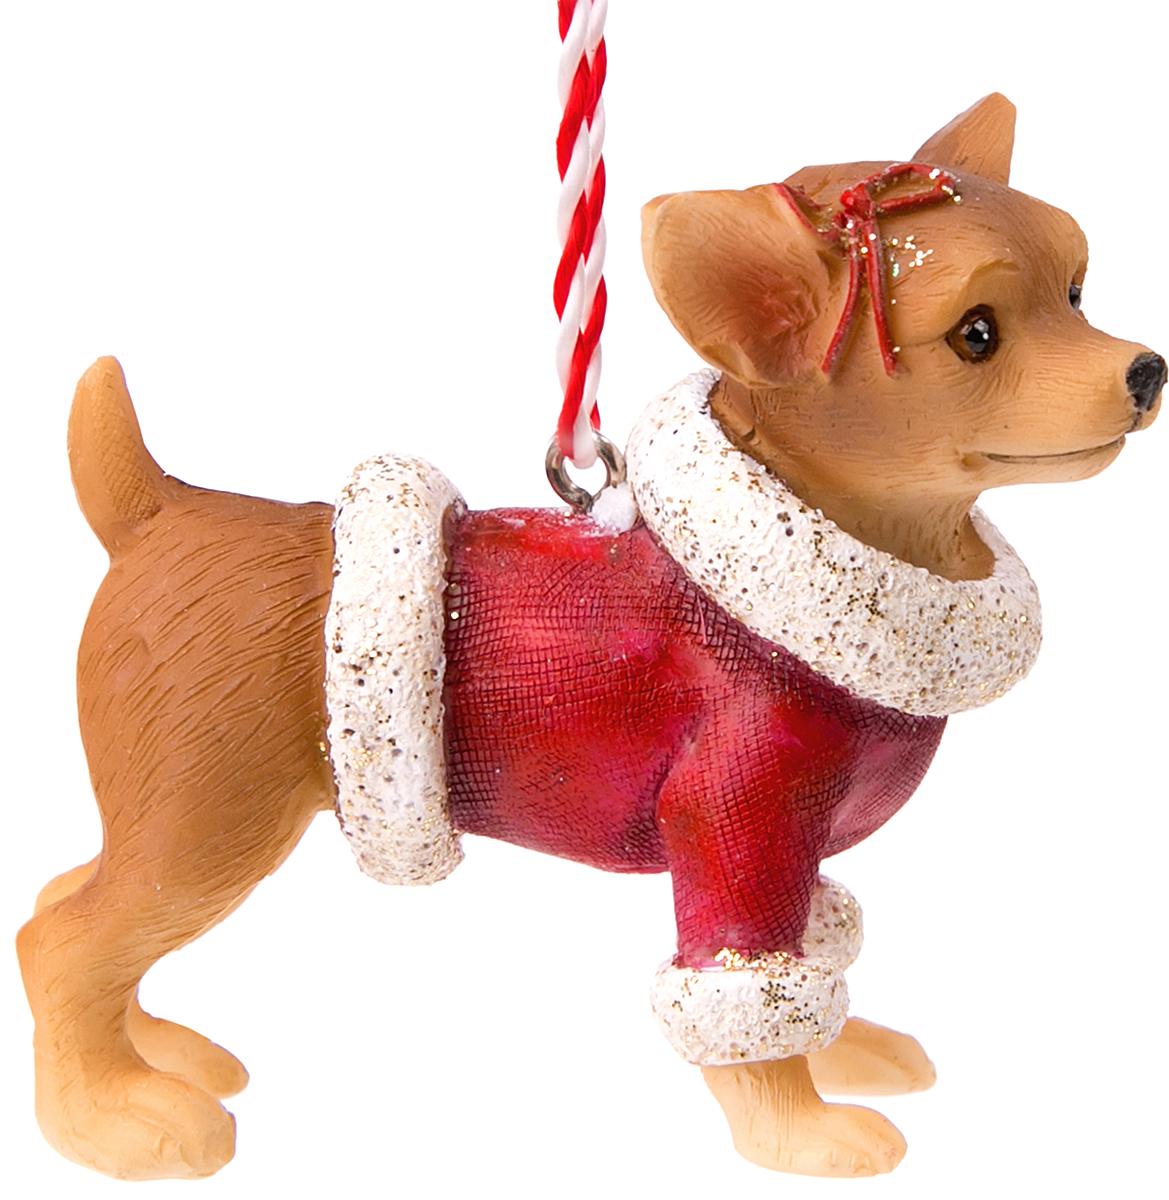 Украшение новогоднее подвесное Magic Time Чихуахуа в красной шубке. 7513175131Оригинальное новогоднее украшение Magic Time выполнено из полирезины в виде чихуахуав в шубке. С помощью специальной петельки украшение можно повесить в любом понравившемся вам месте. Но, конечно же, удачнее всего такая игрушка будет смотреться на праздничной елке. Новогодние украшения приносят в дом волшебство и ощущение праздника. Создайте в своем доме атмосферу веселья и радости, украшая всей семьей новогоднюю елку нарядными игрушками, которые будут из года в год накапливать теплоту воспоминаний.